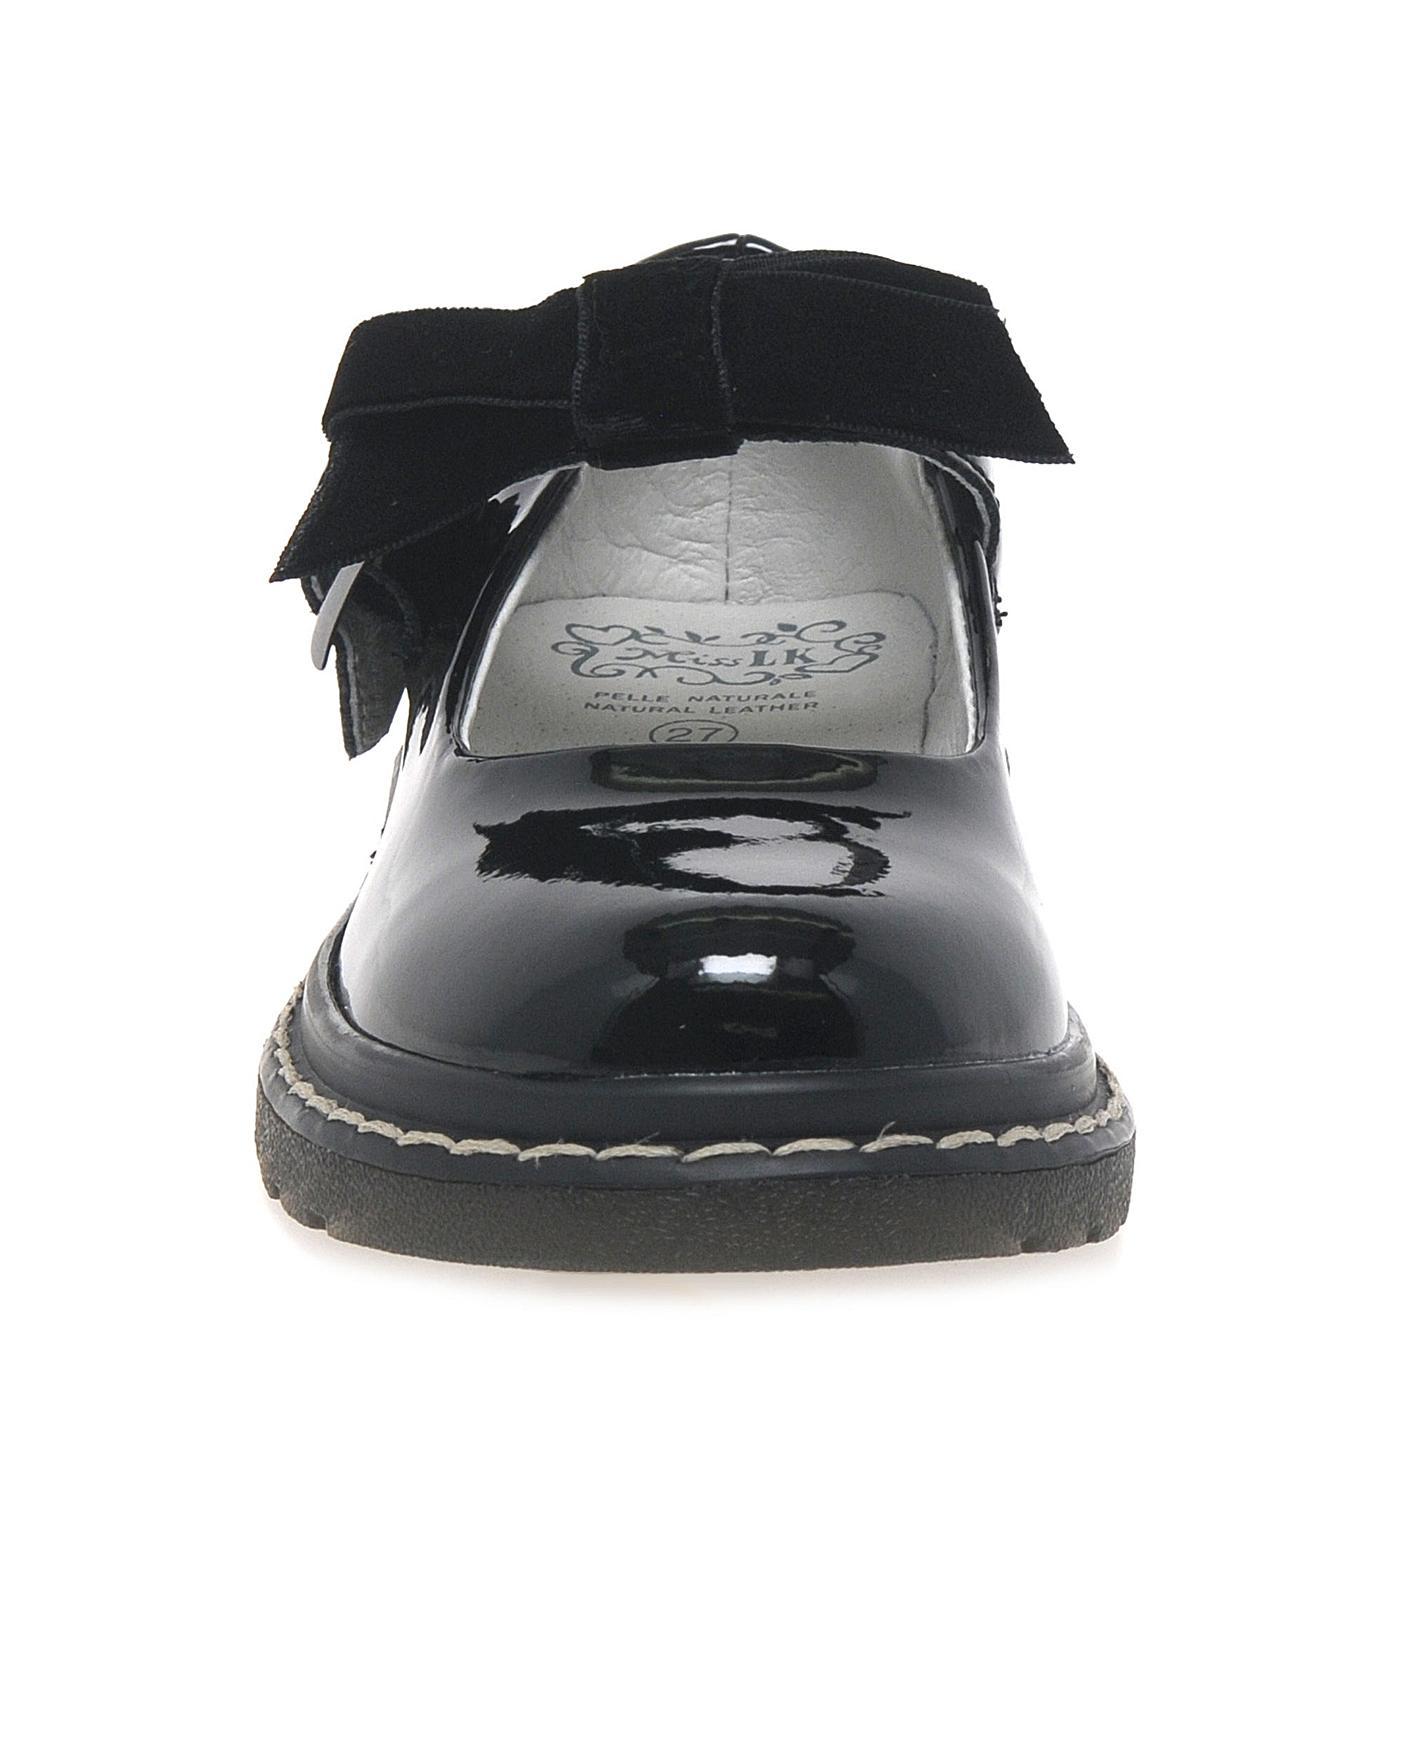 f8c1de6c5e3 Description. Lelli Kelly Frankie Girls Mary Janes  The Lelli Kelly Frankie  girls school shoes are black patent ...